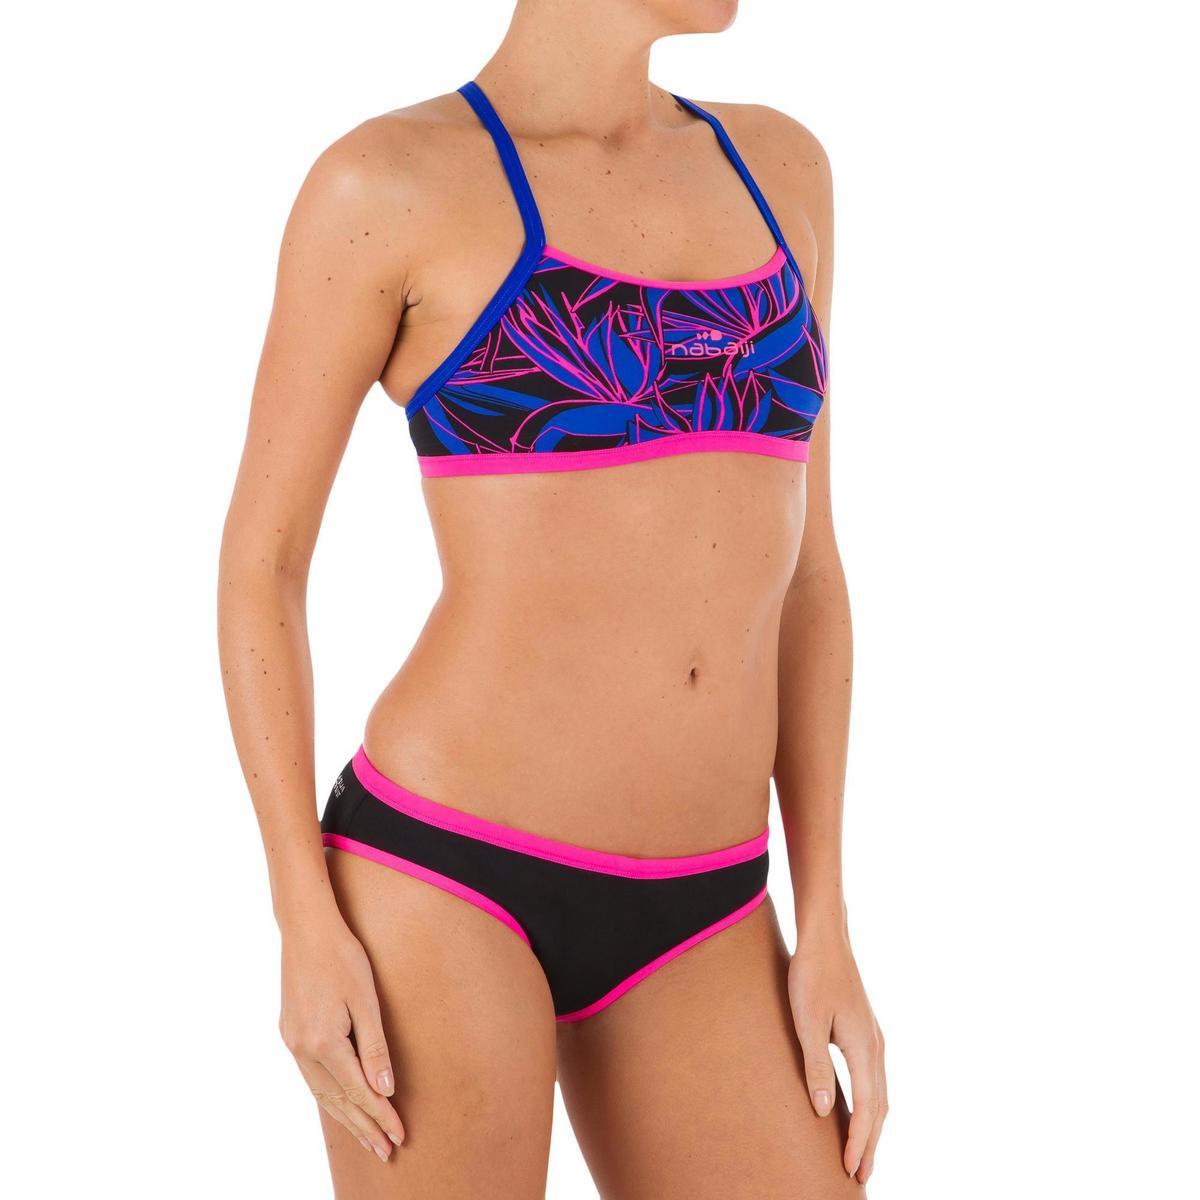 Bild 4 von Bikinihose Jade chlorresistent Damen schwarz/rosa